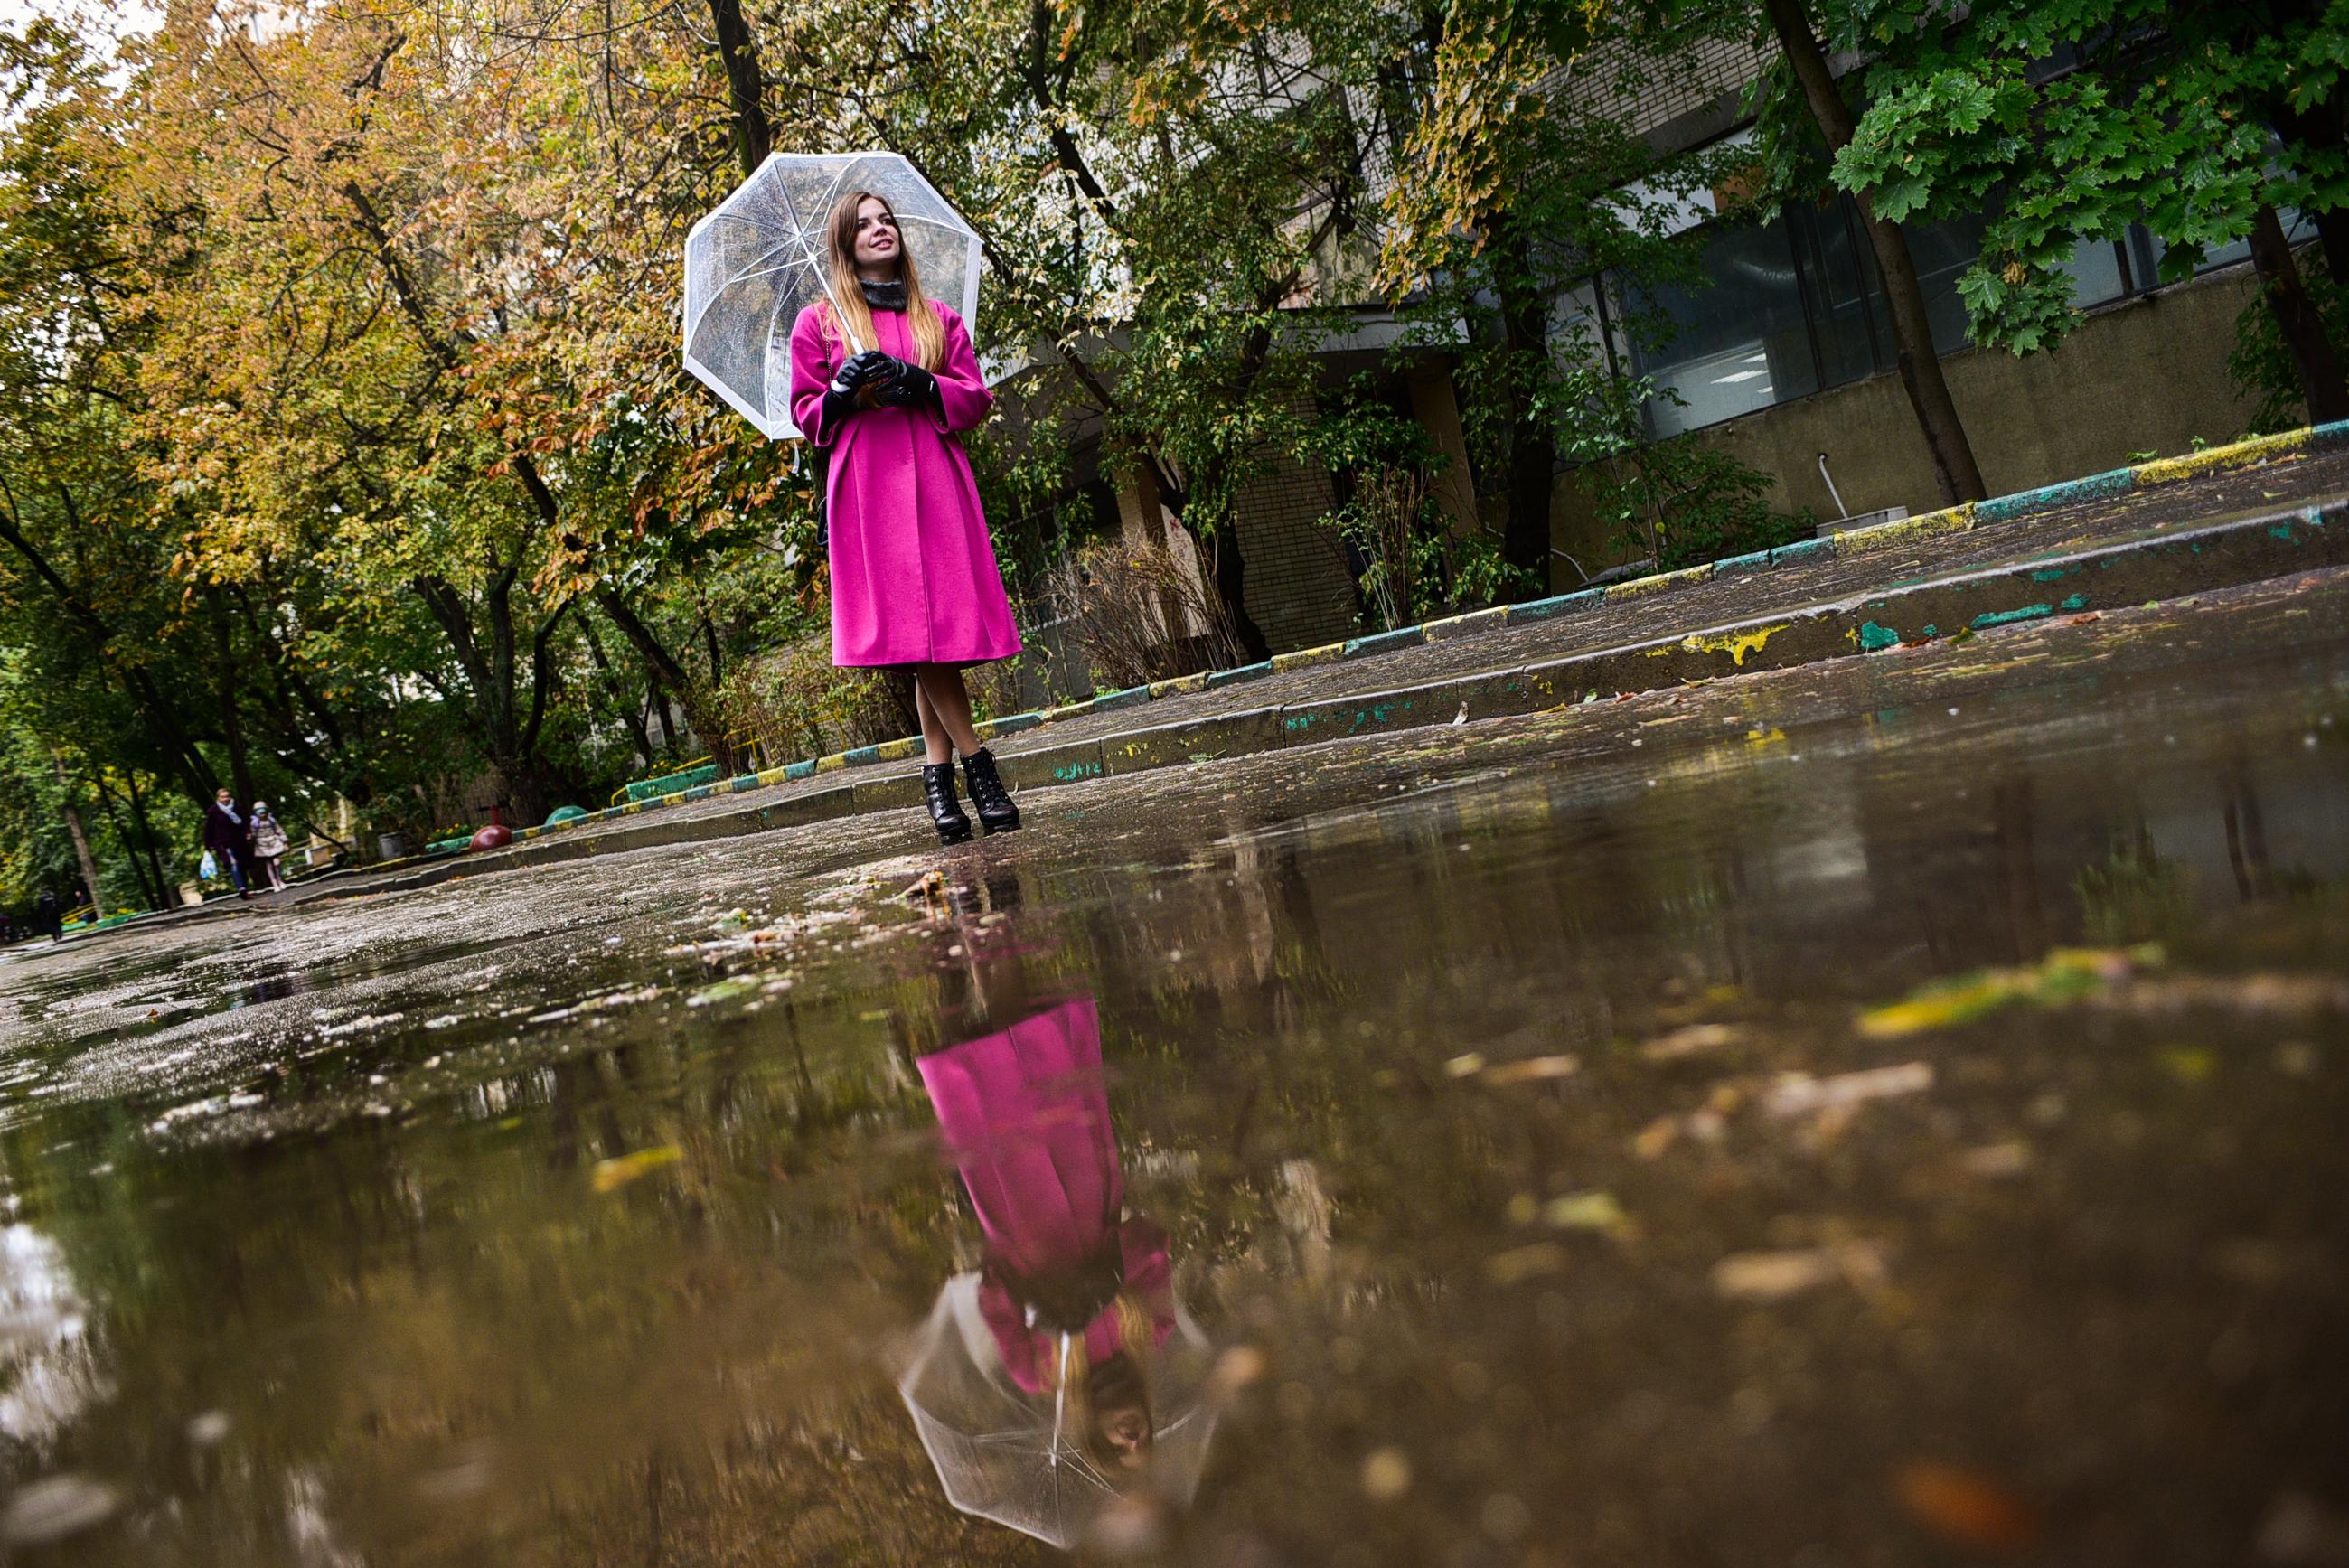 Жителей Москвы ждут тепло и дожди в воскресенье